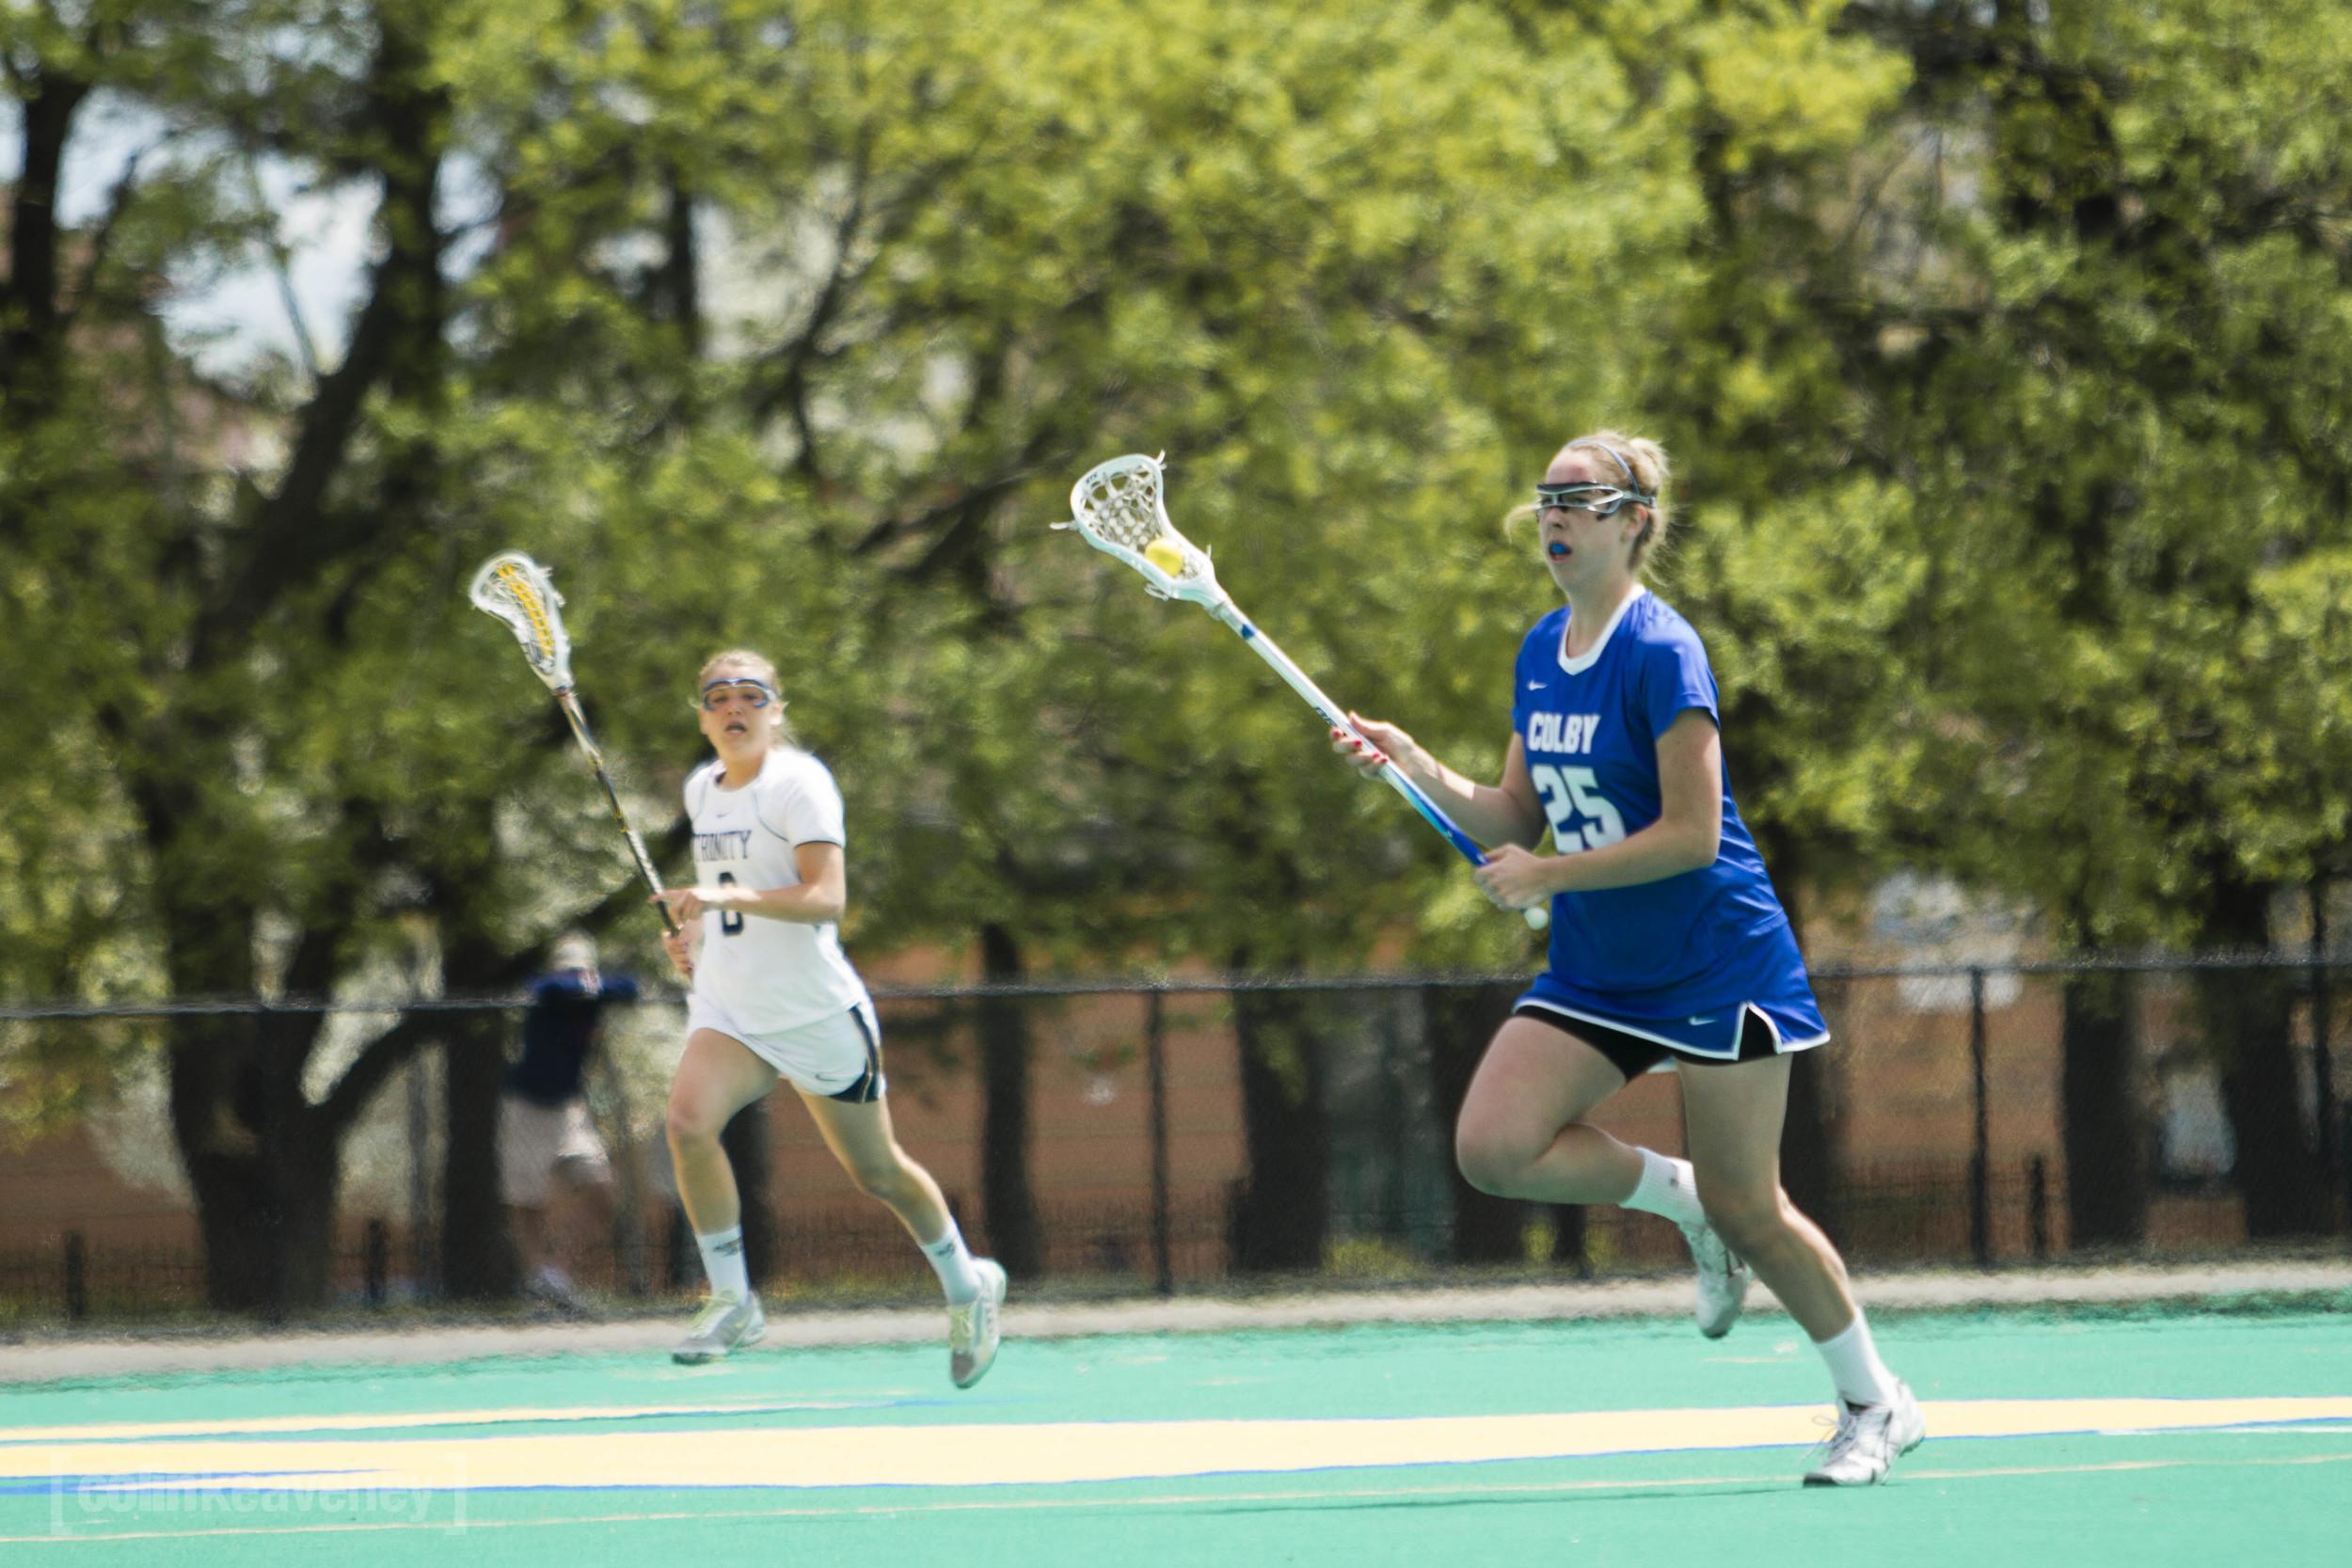 COLBY_lacrosse-47.jpg